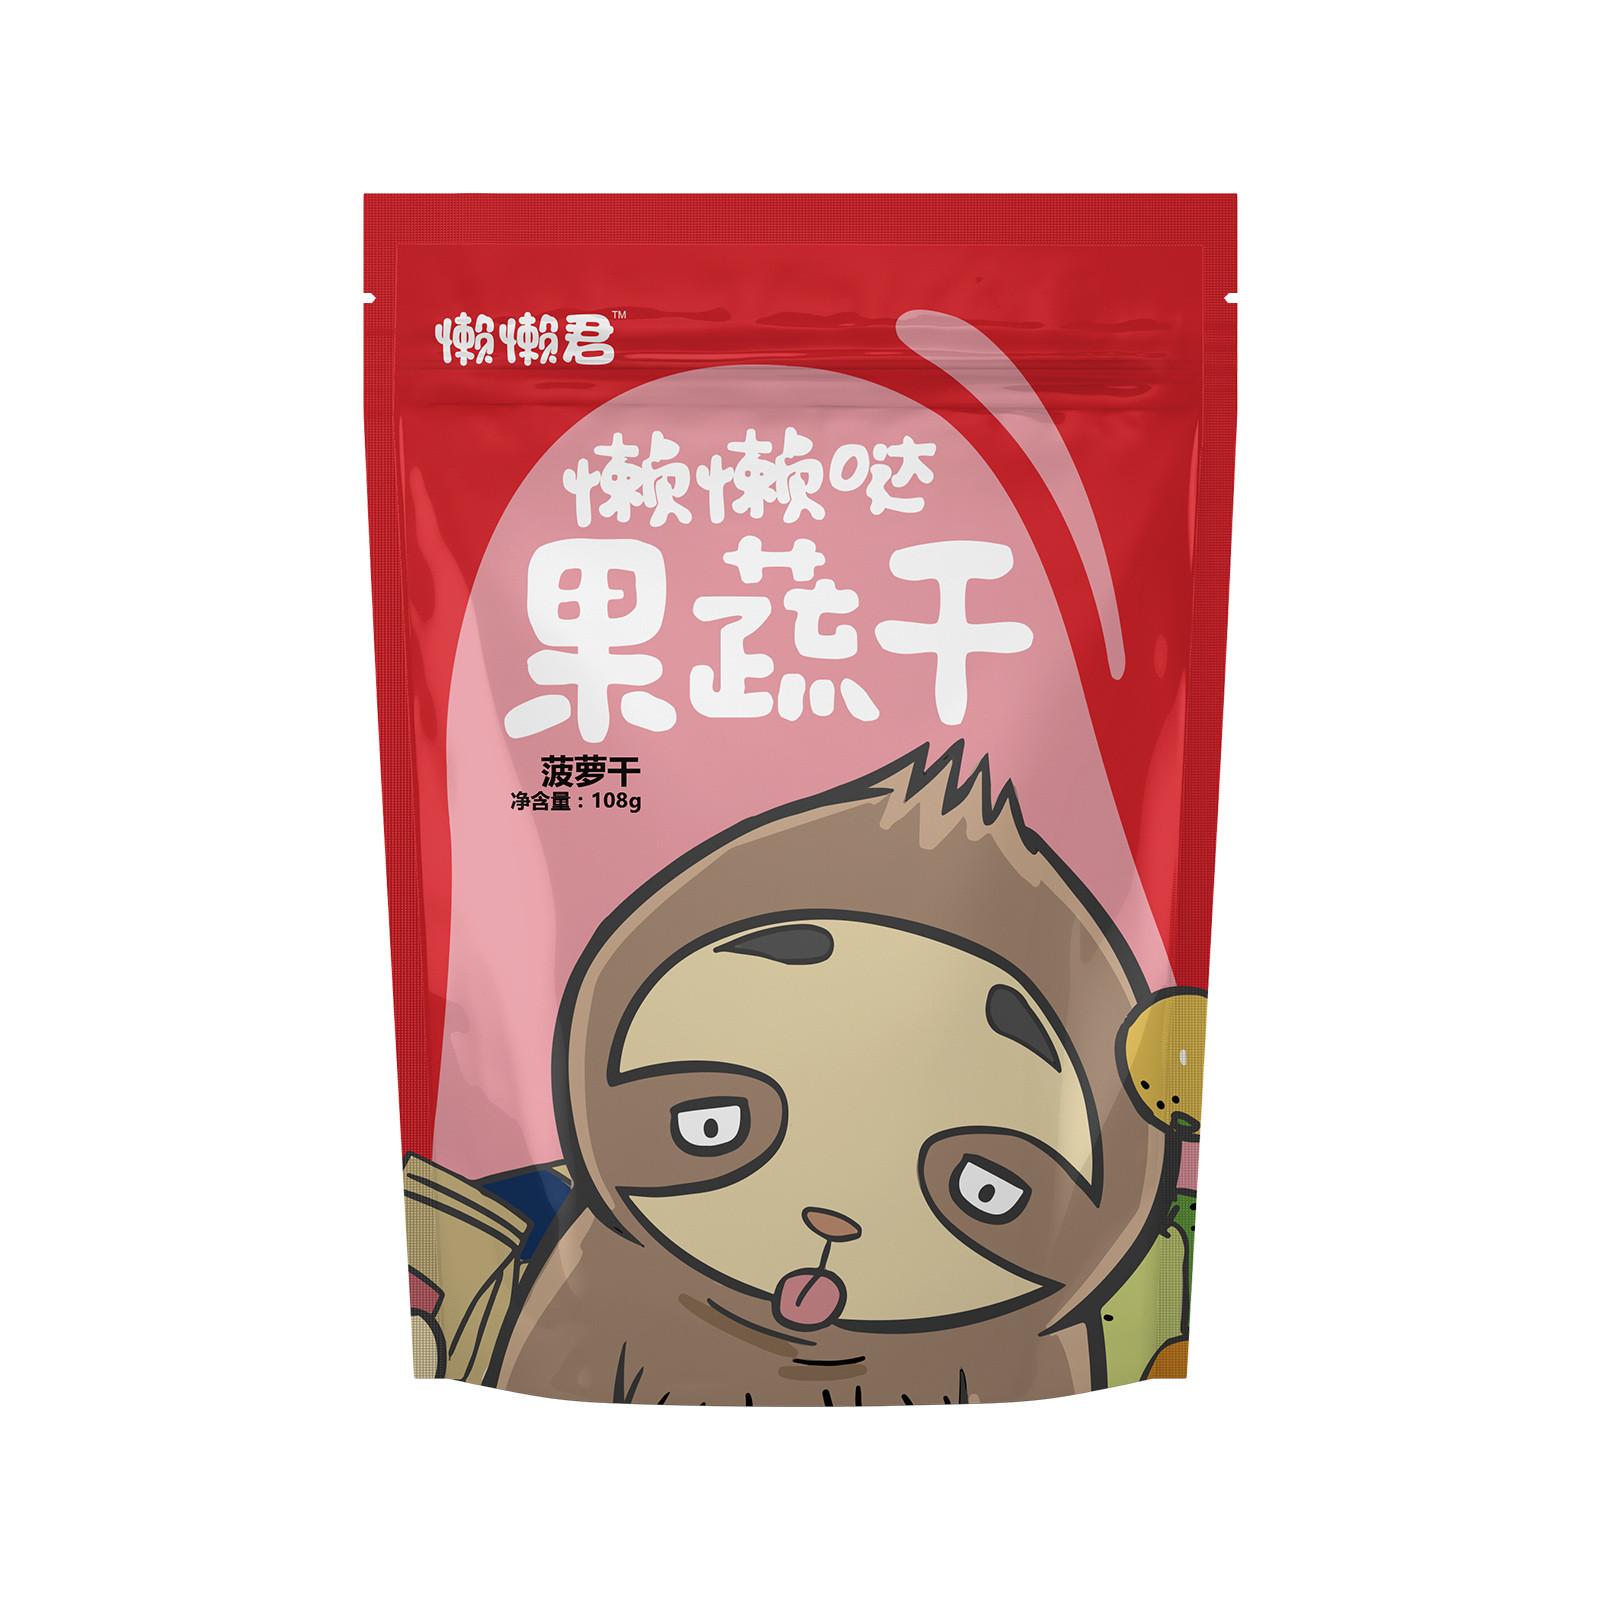 特产菠萝干 烘焙冻干芒果脆片休闲零食小吃 广西懒君食品无限公司